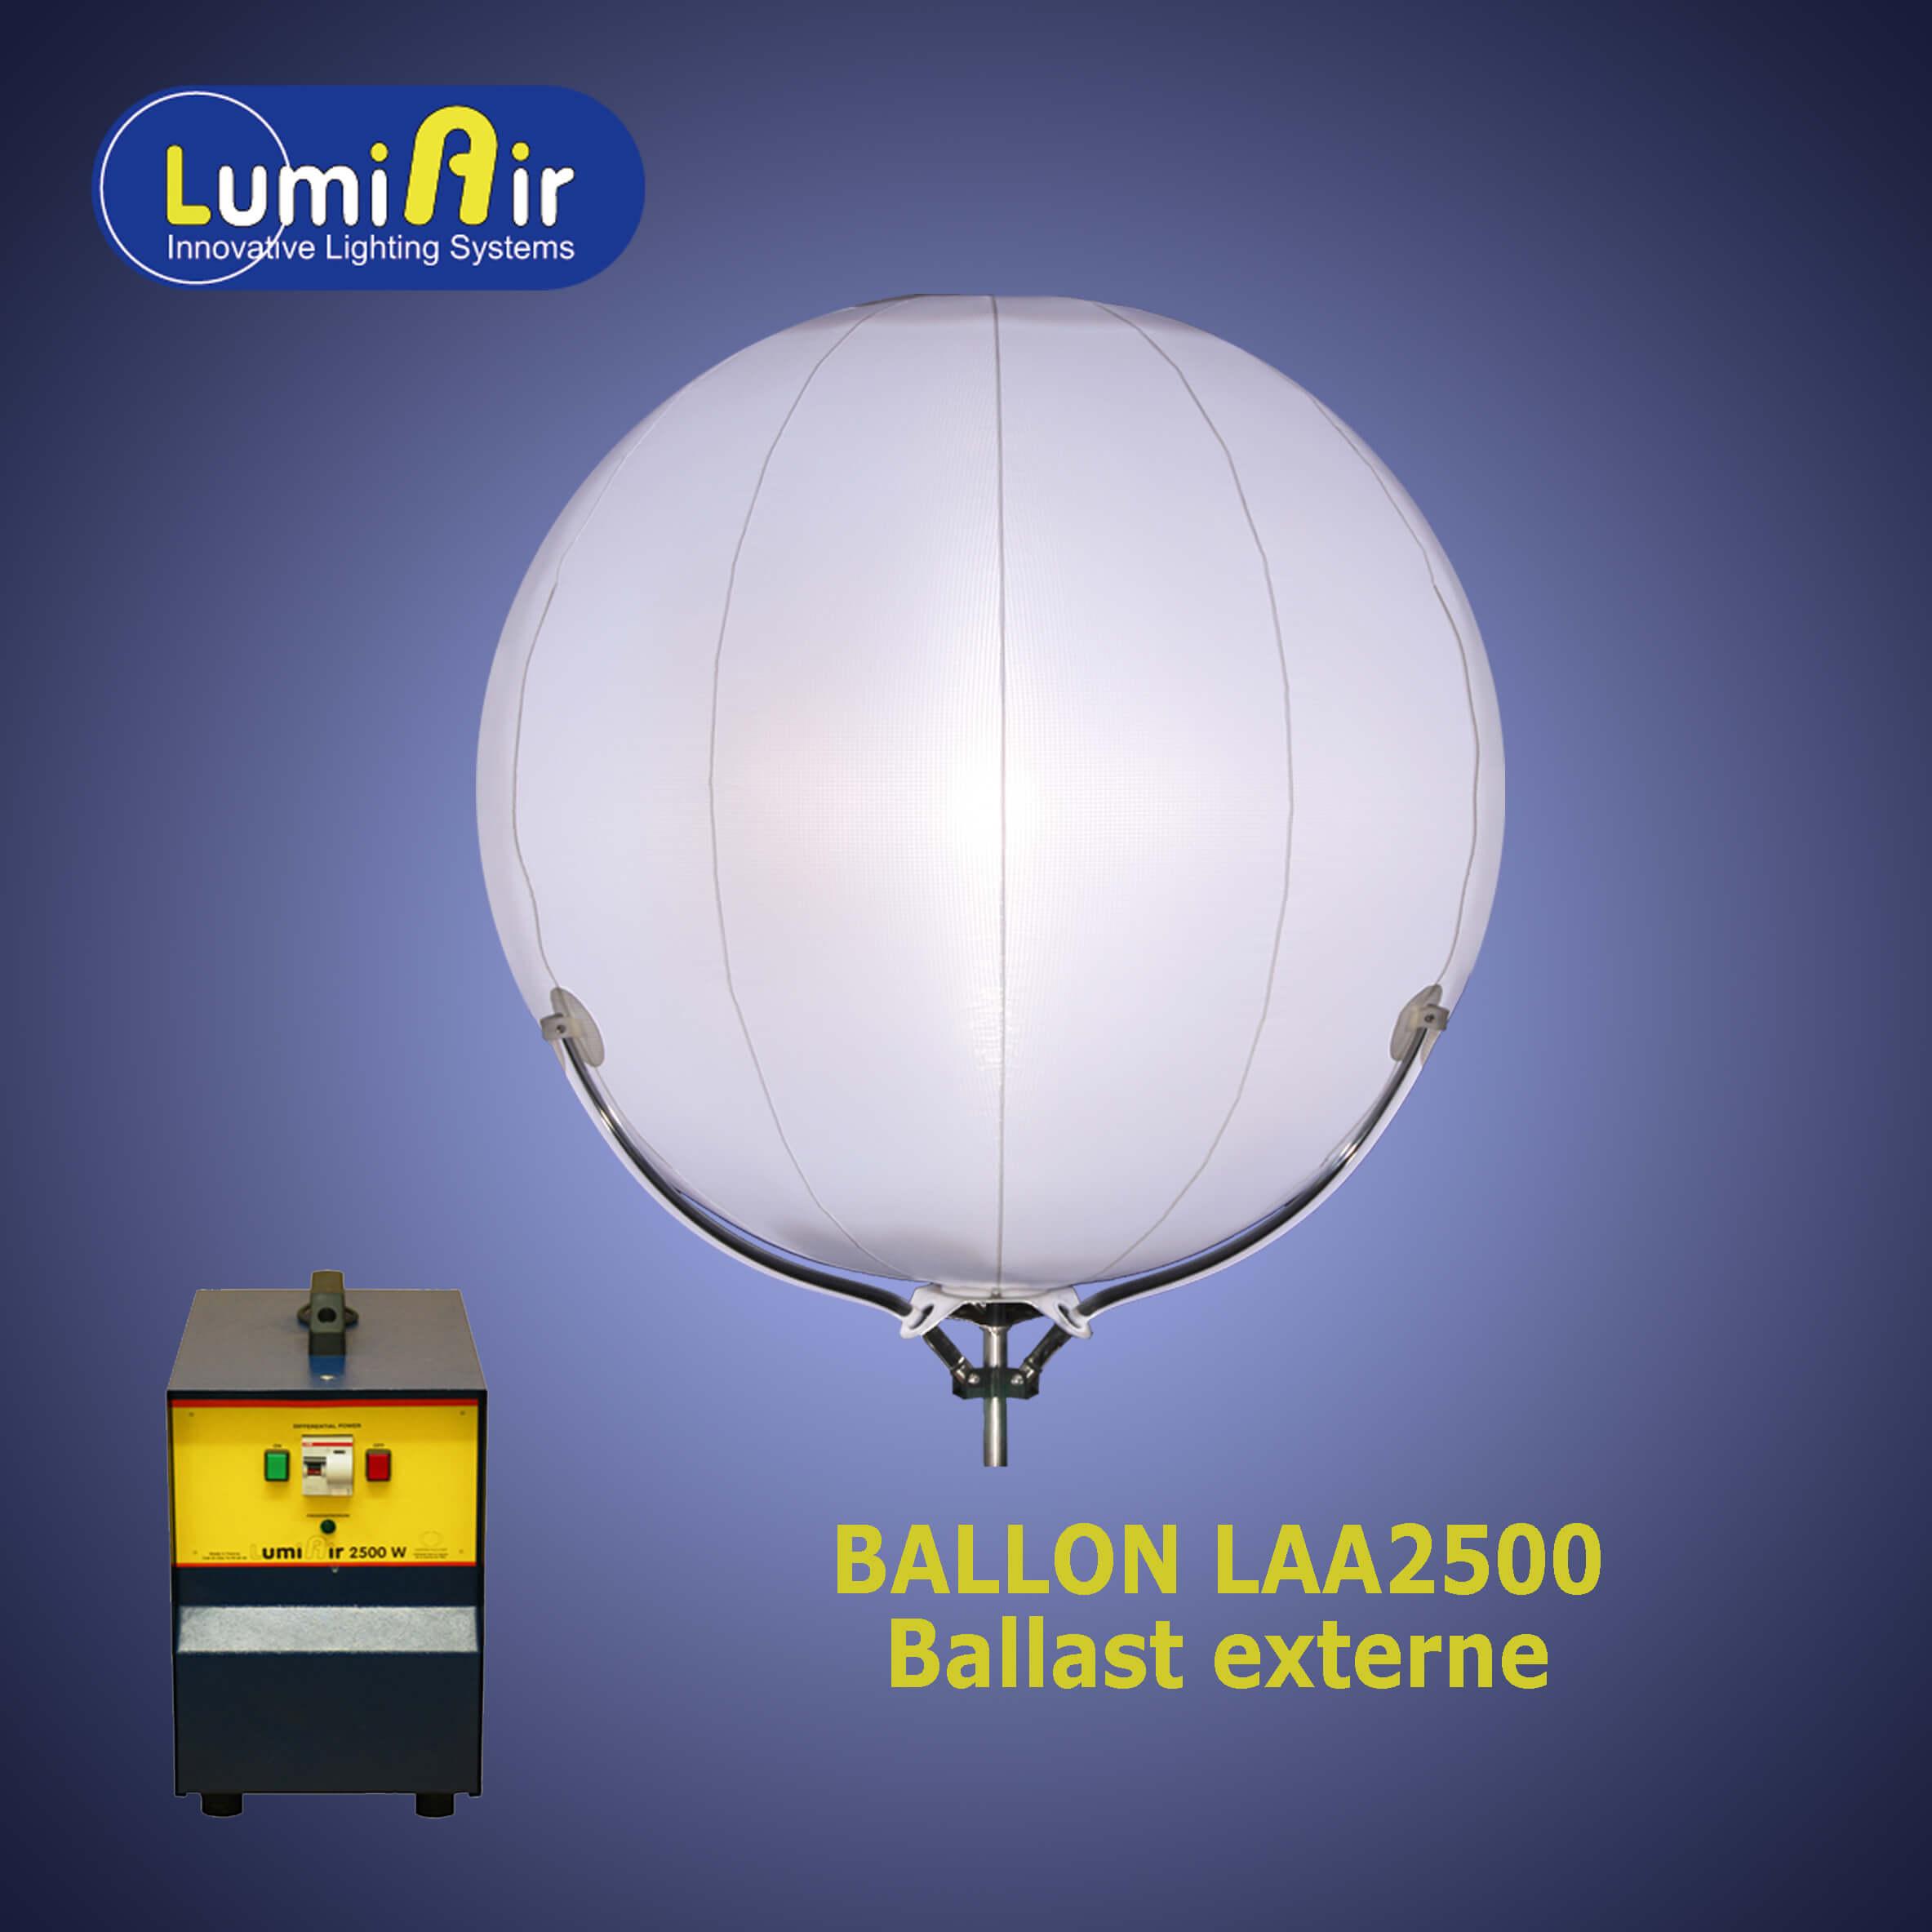 LAA 2500